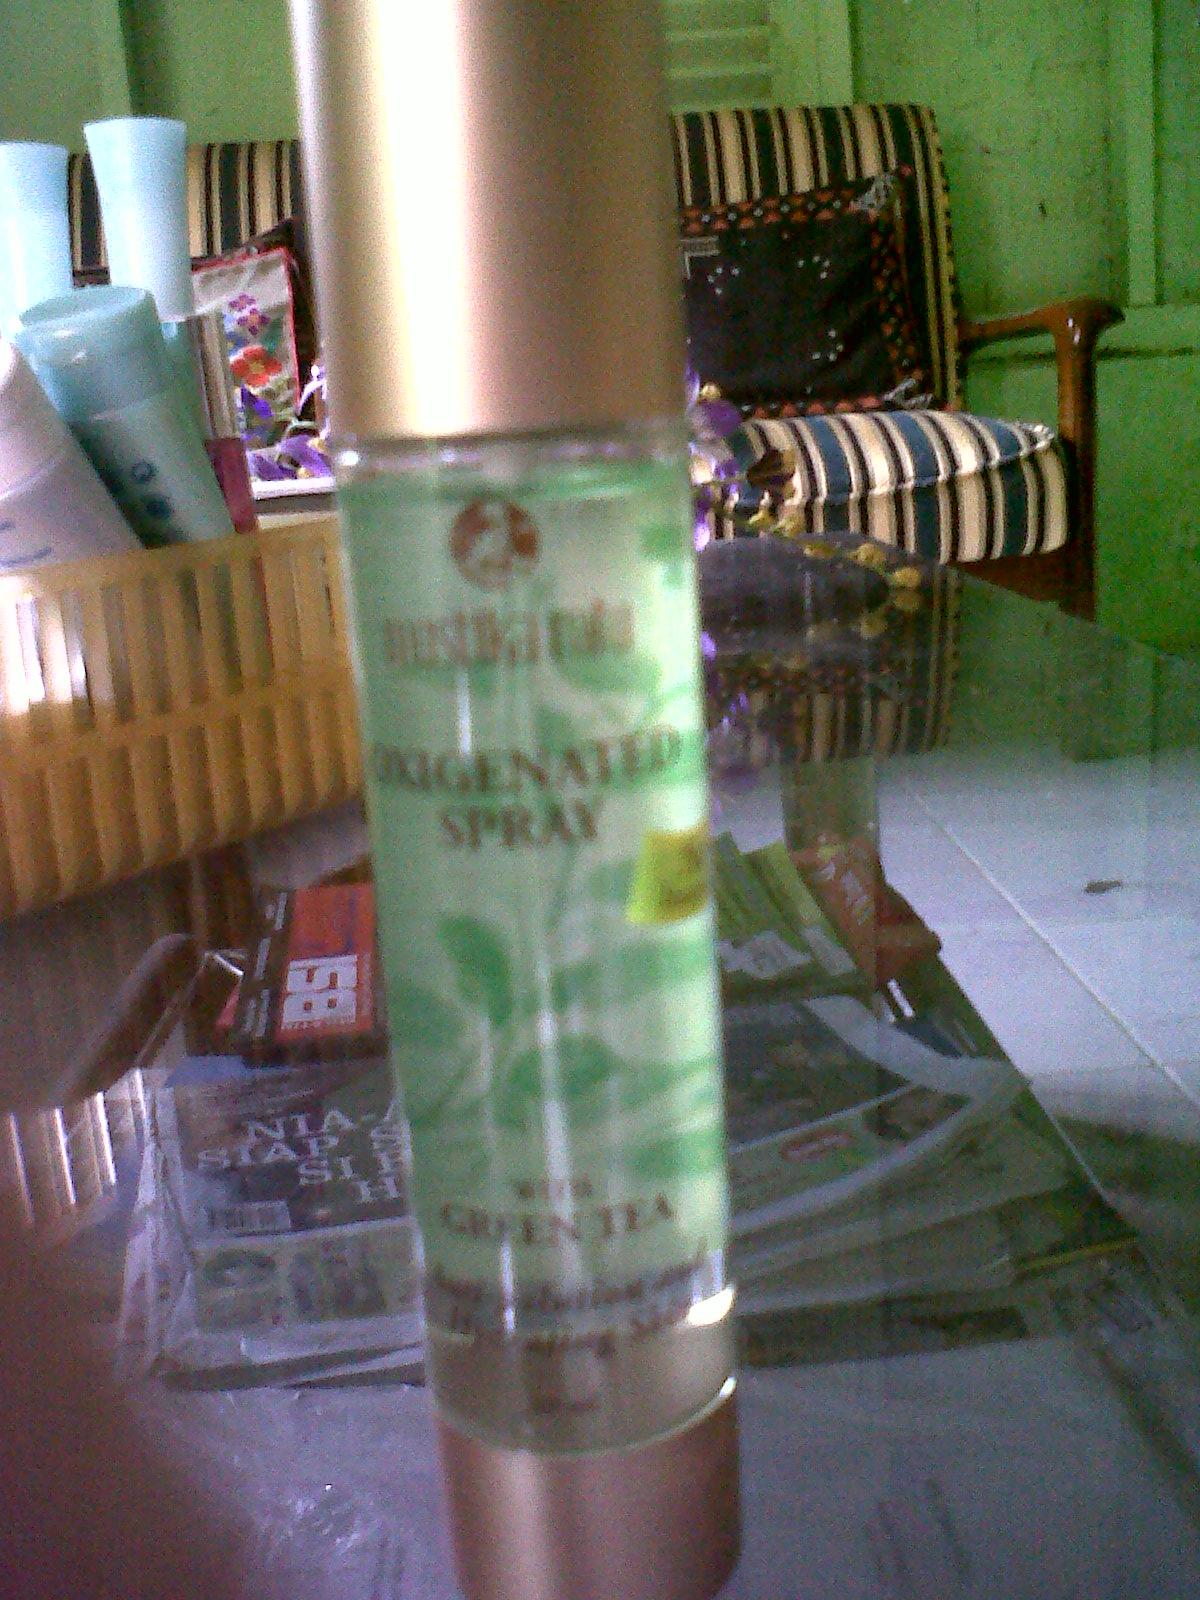 Oxygenated Spray By Mustika Ratu